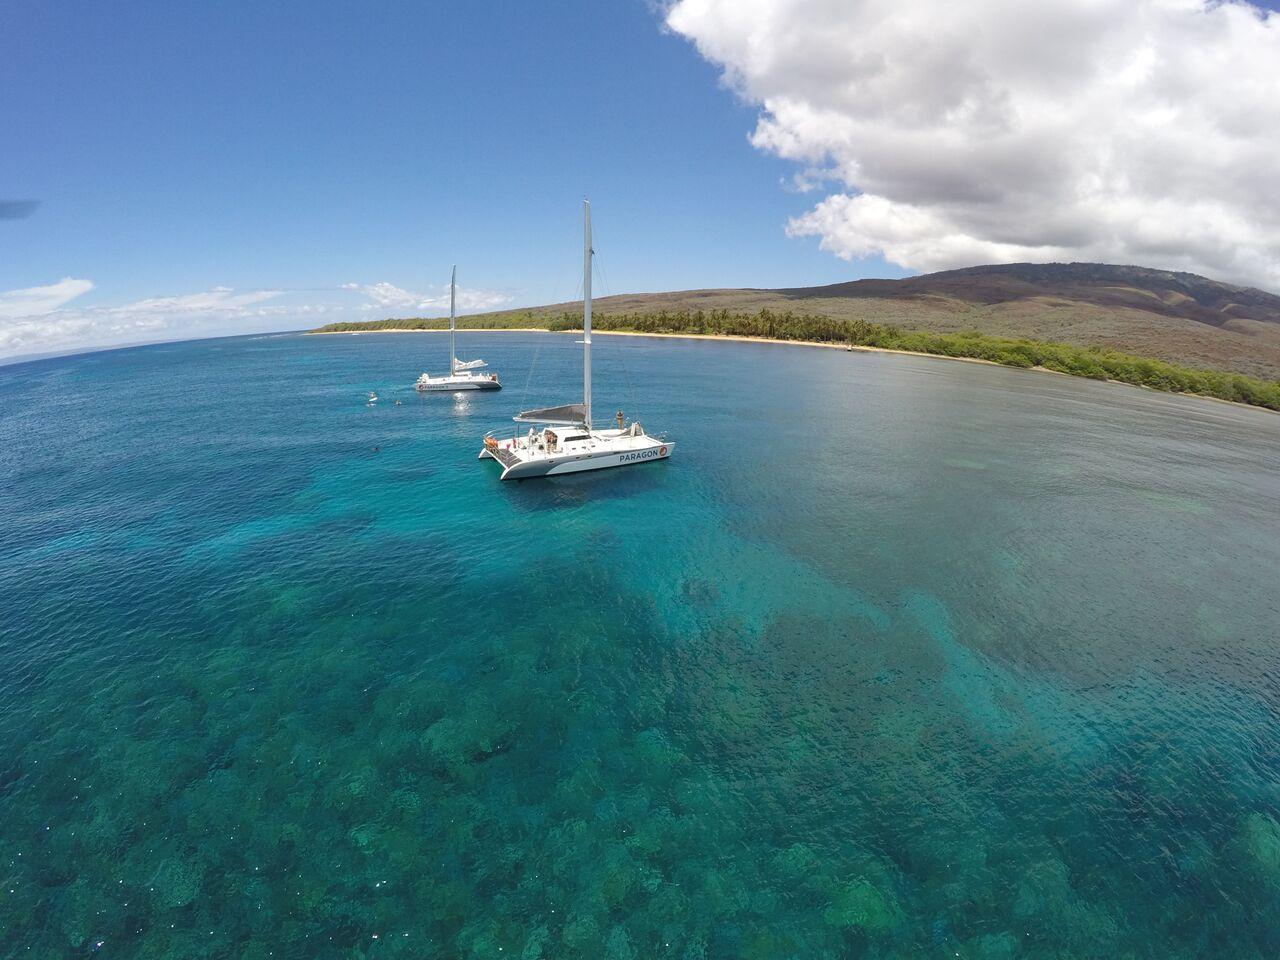 Snorkeling & Sailing Day Trip To Lana'i